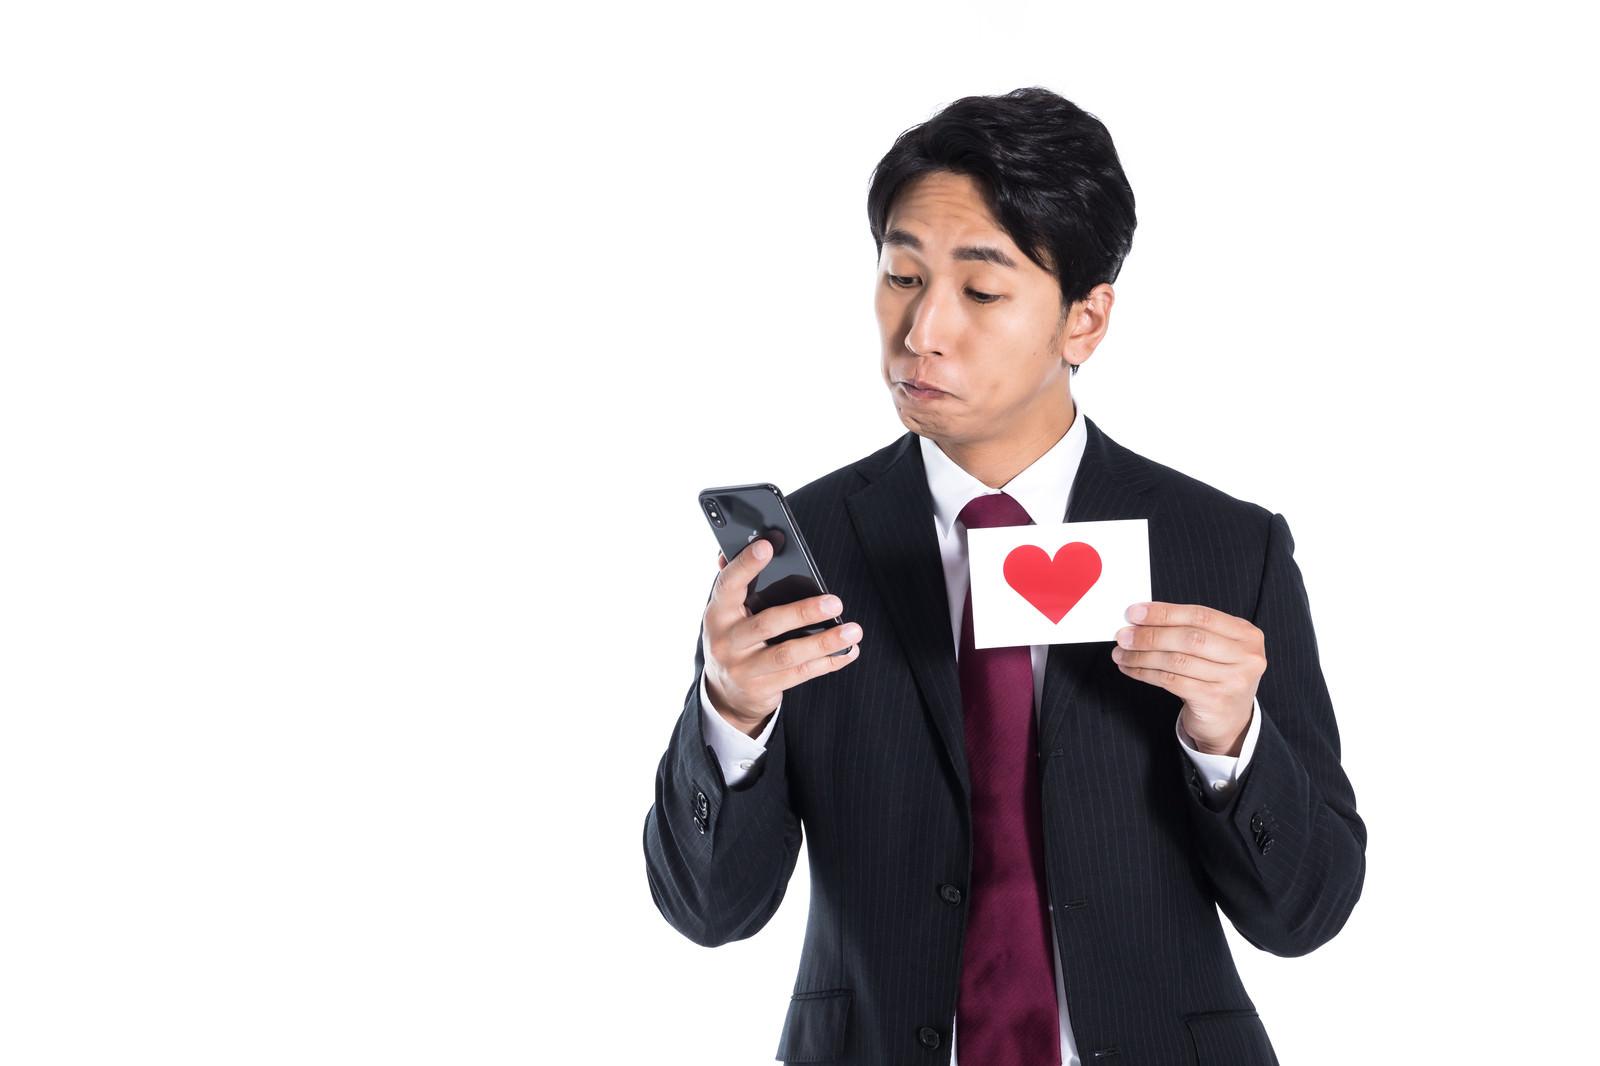 「スマートフォンに心拍数のログを残す男性」の写真[モデル:大川竜弥]